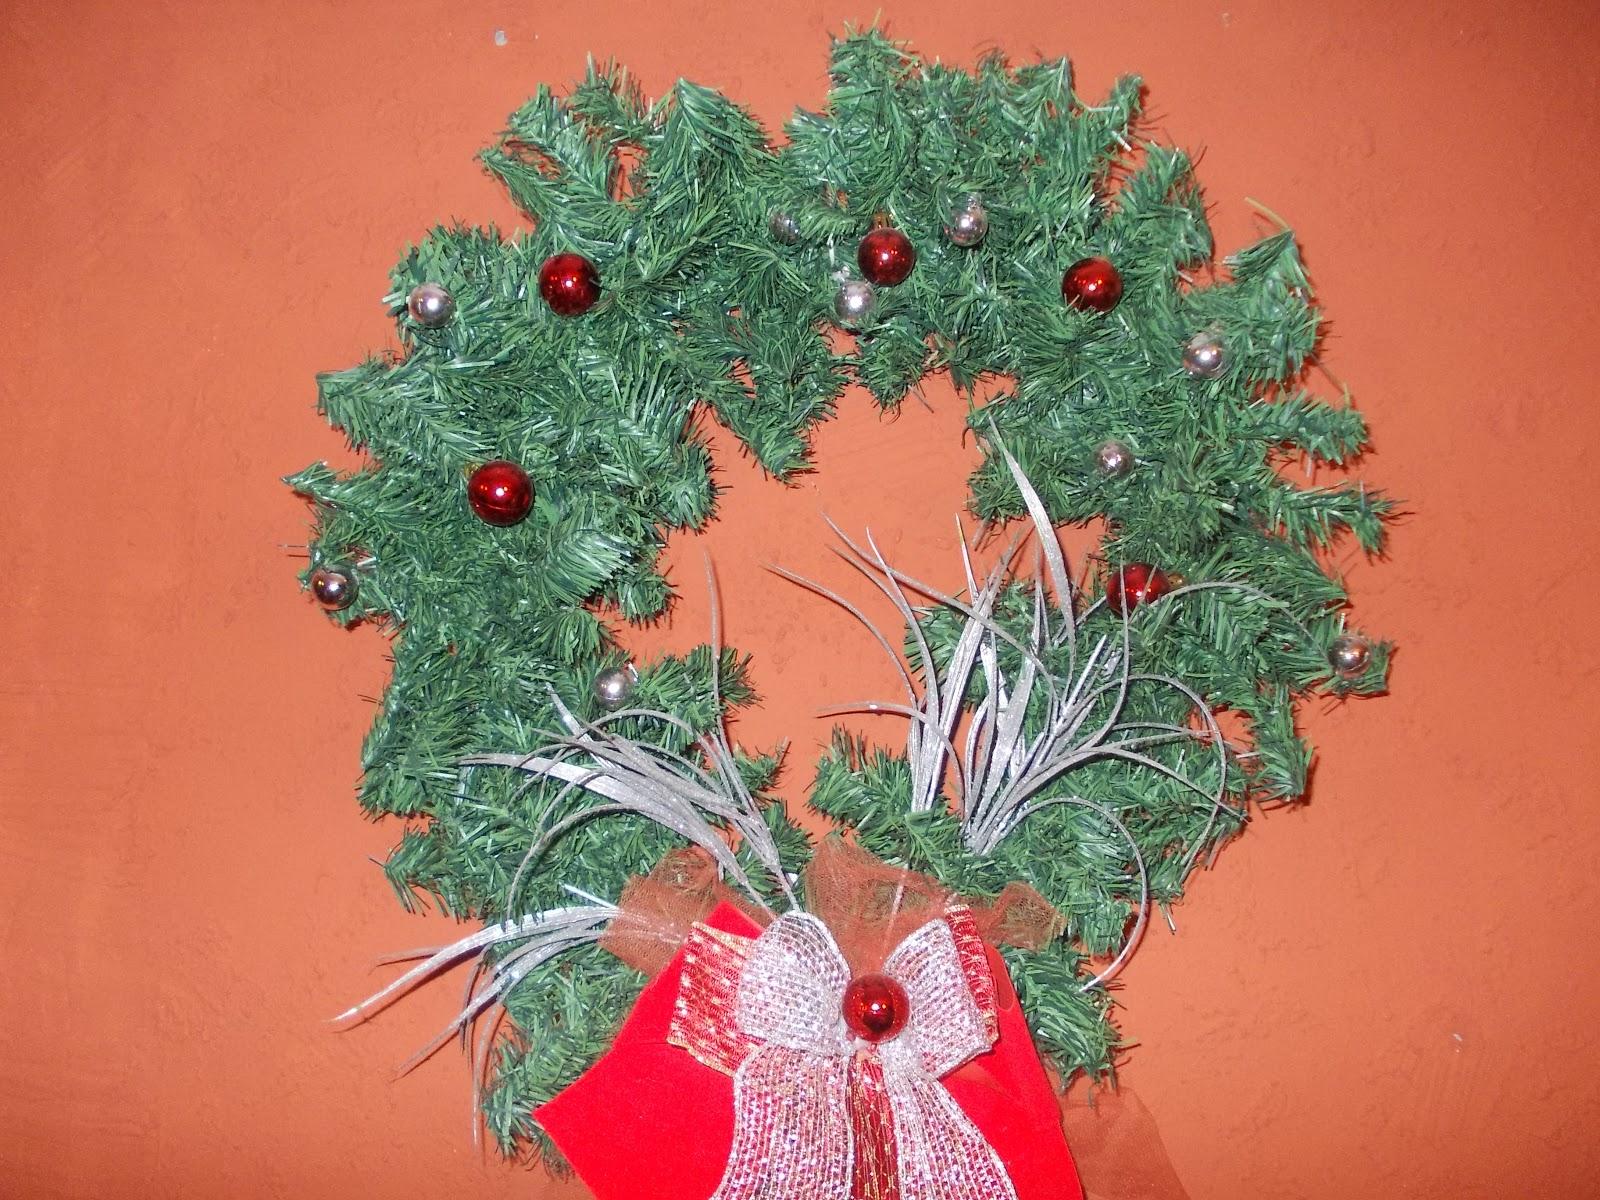 Adornos y regalos de navidad corona colgante adorno for Adornos para murallas